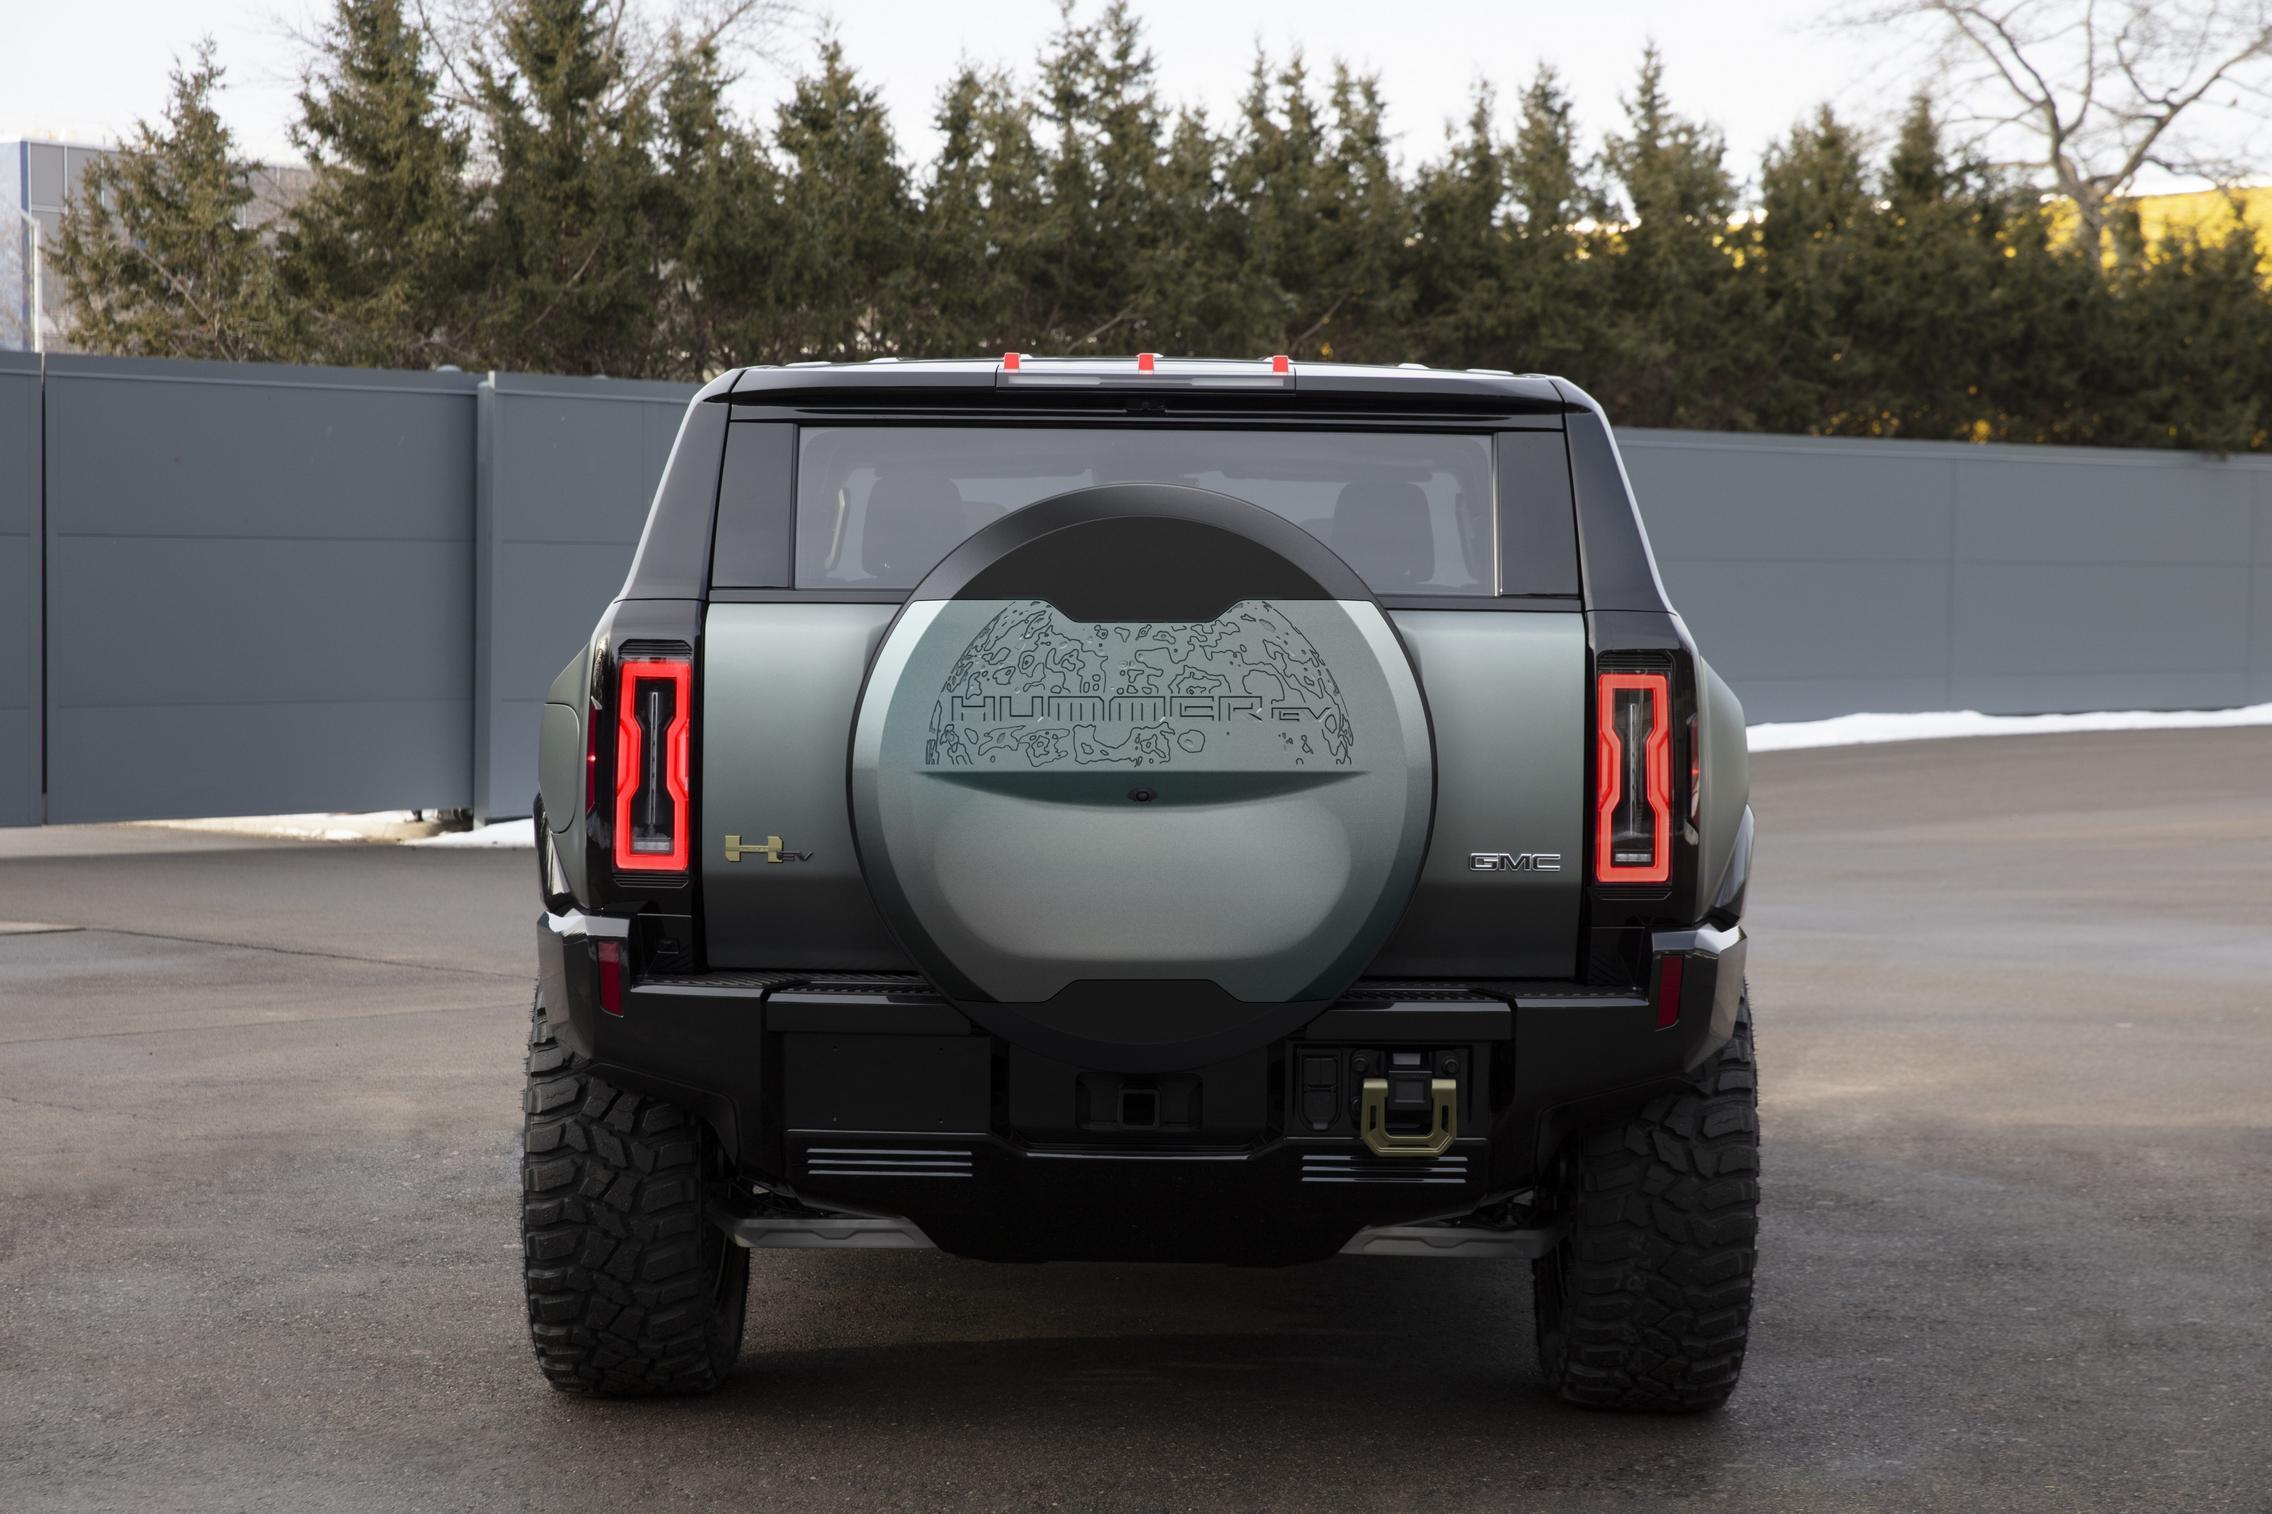 Hummer EV SUV wheel cap